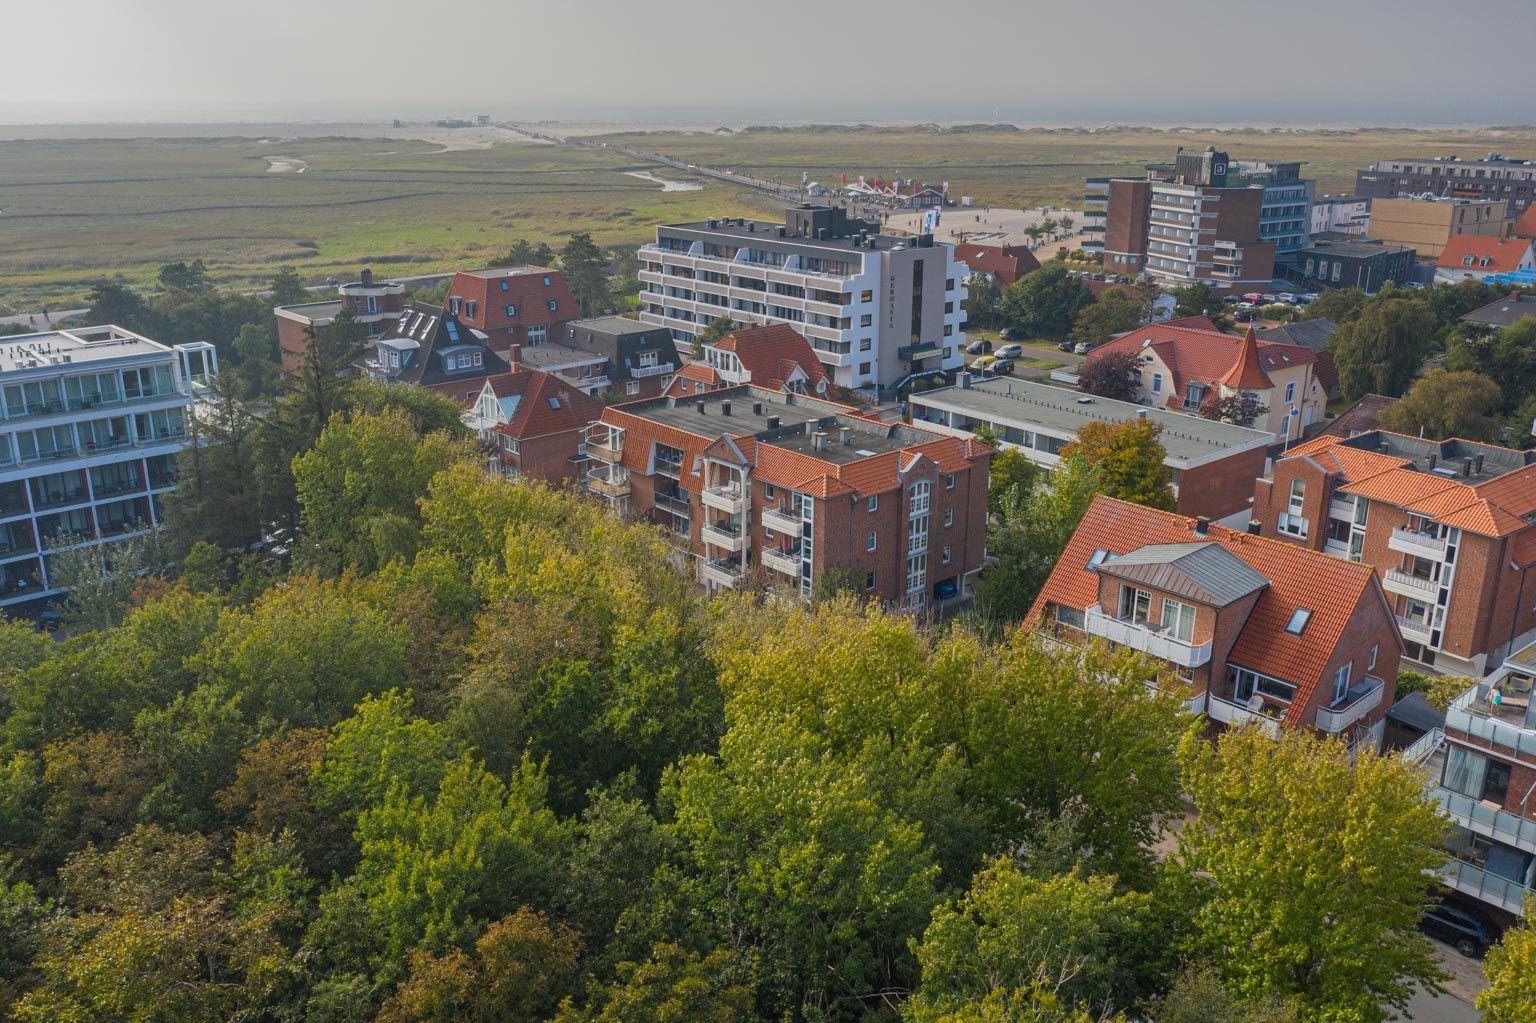 Luftbild mit Meerespanorama